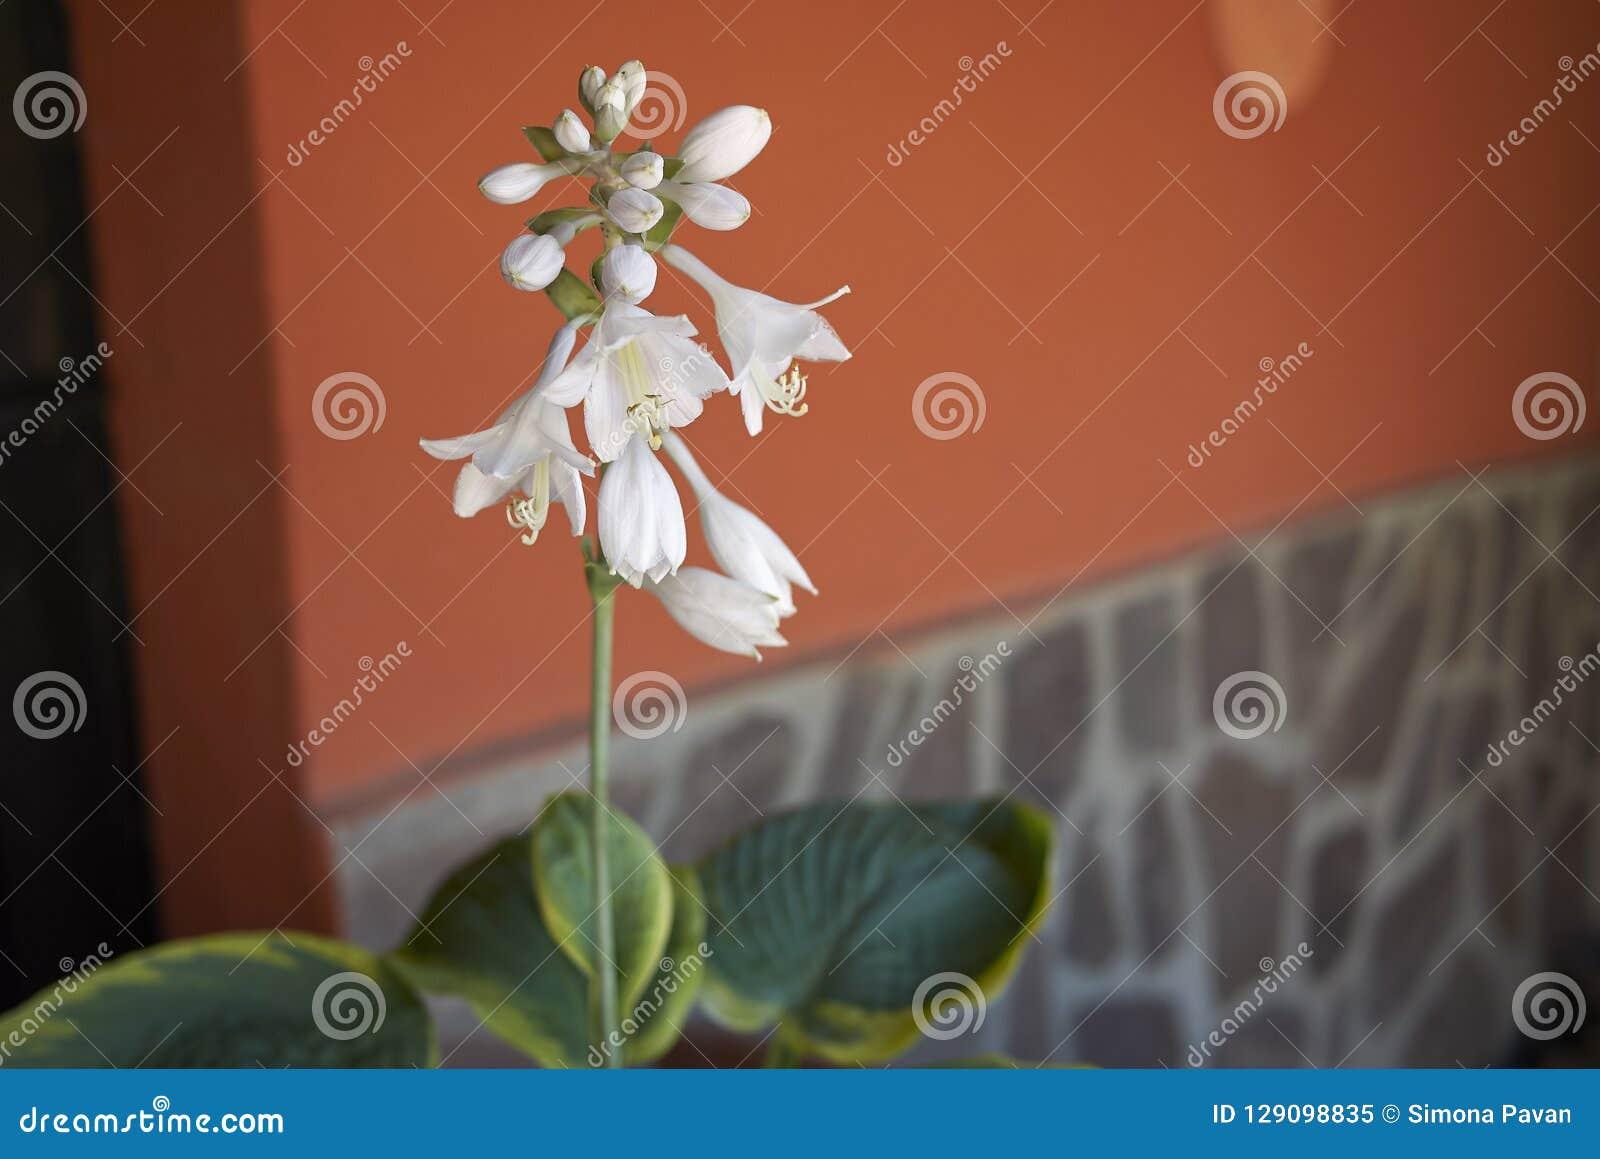 Flores blancas del hosta